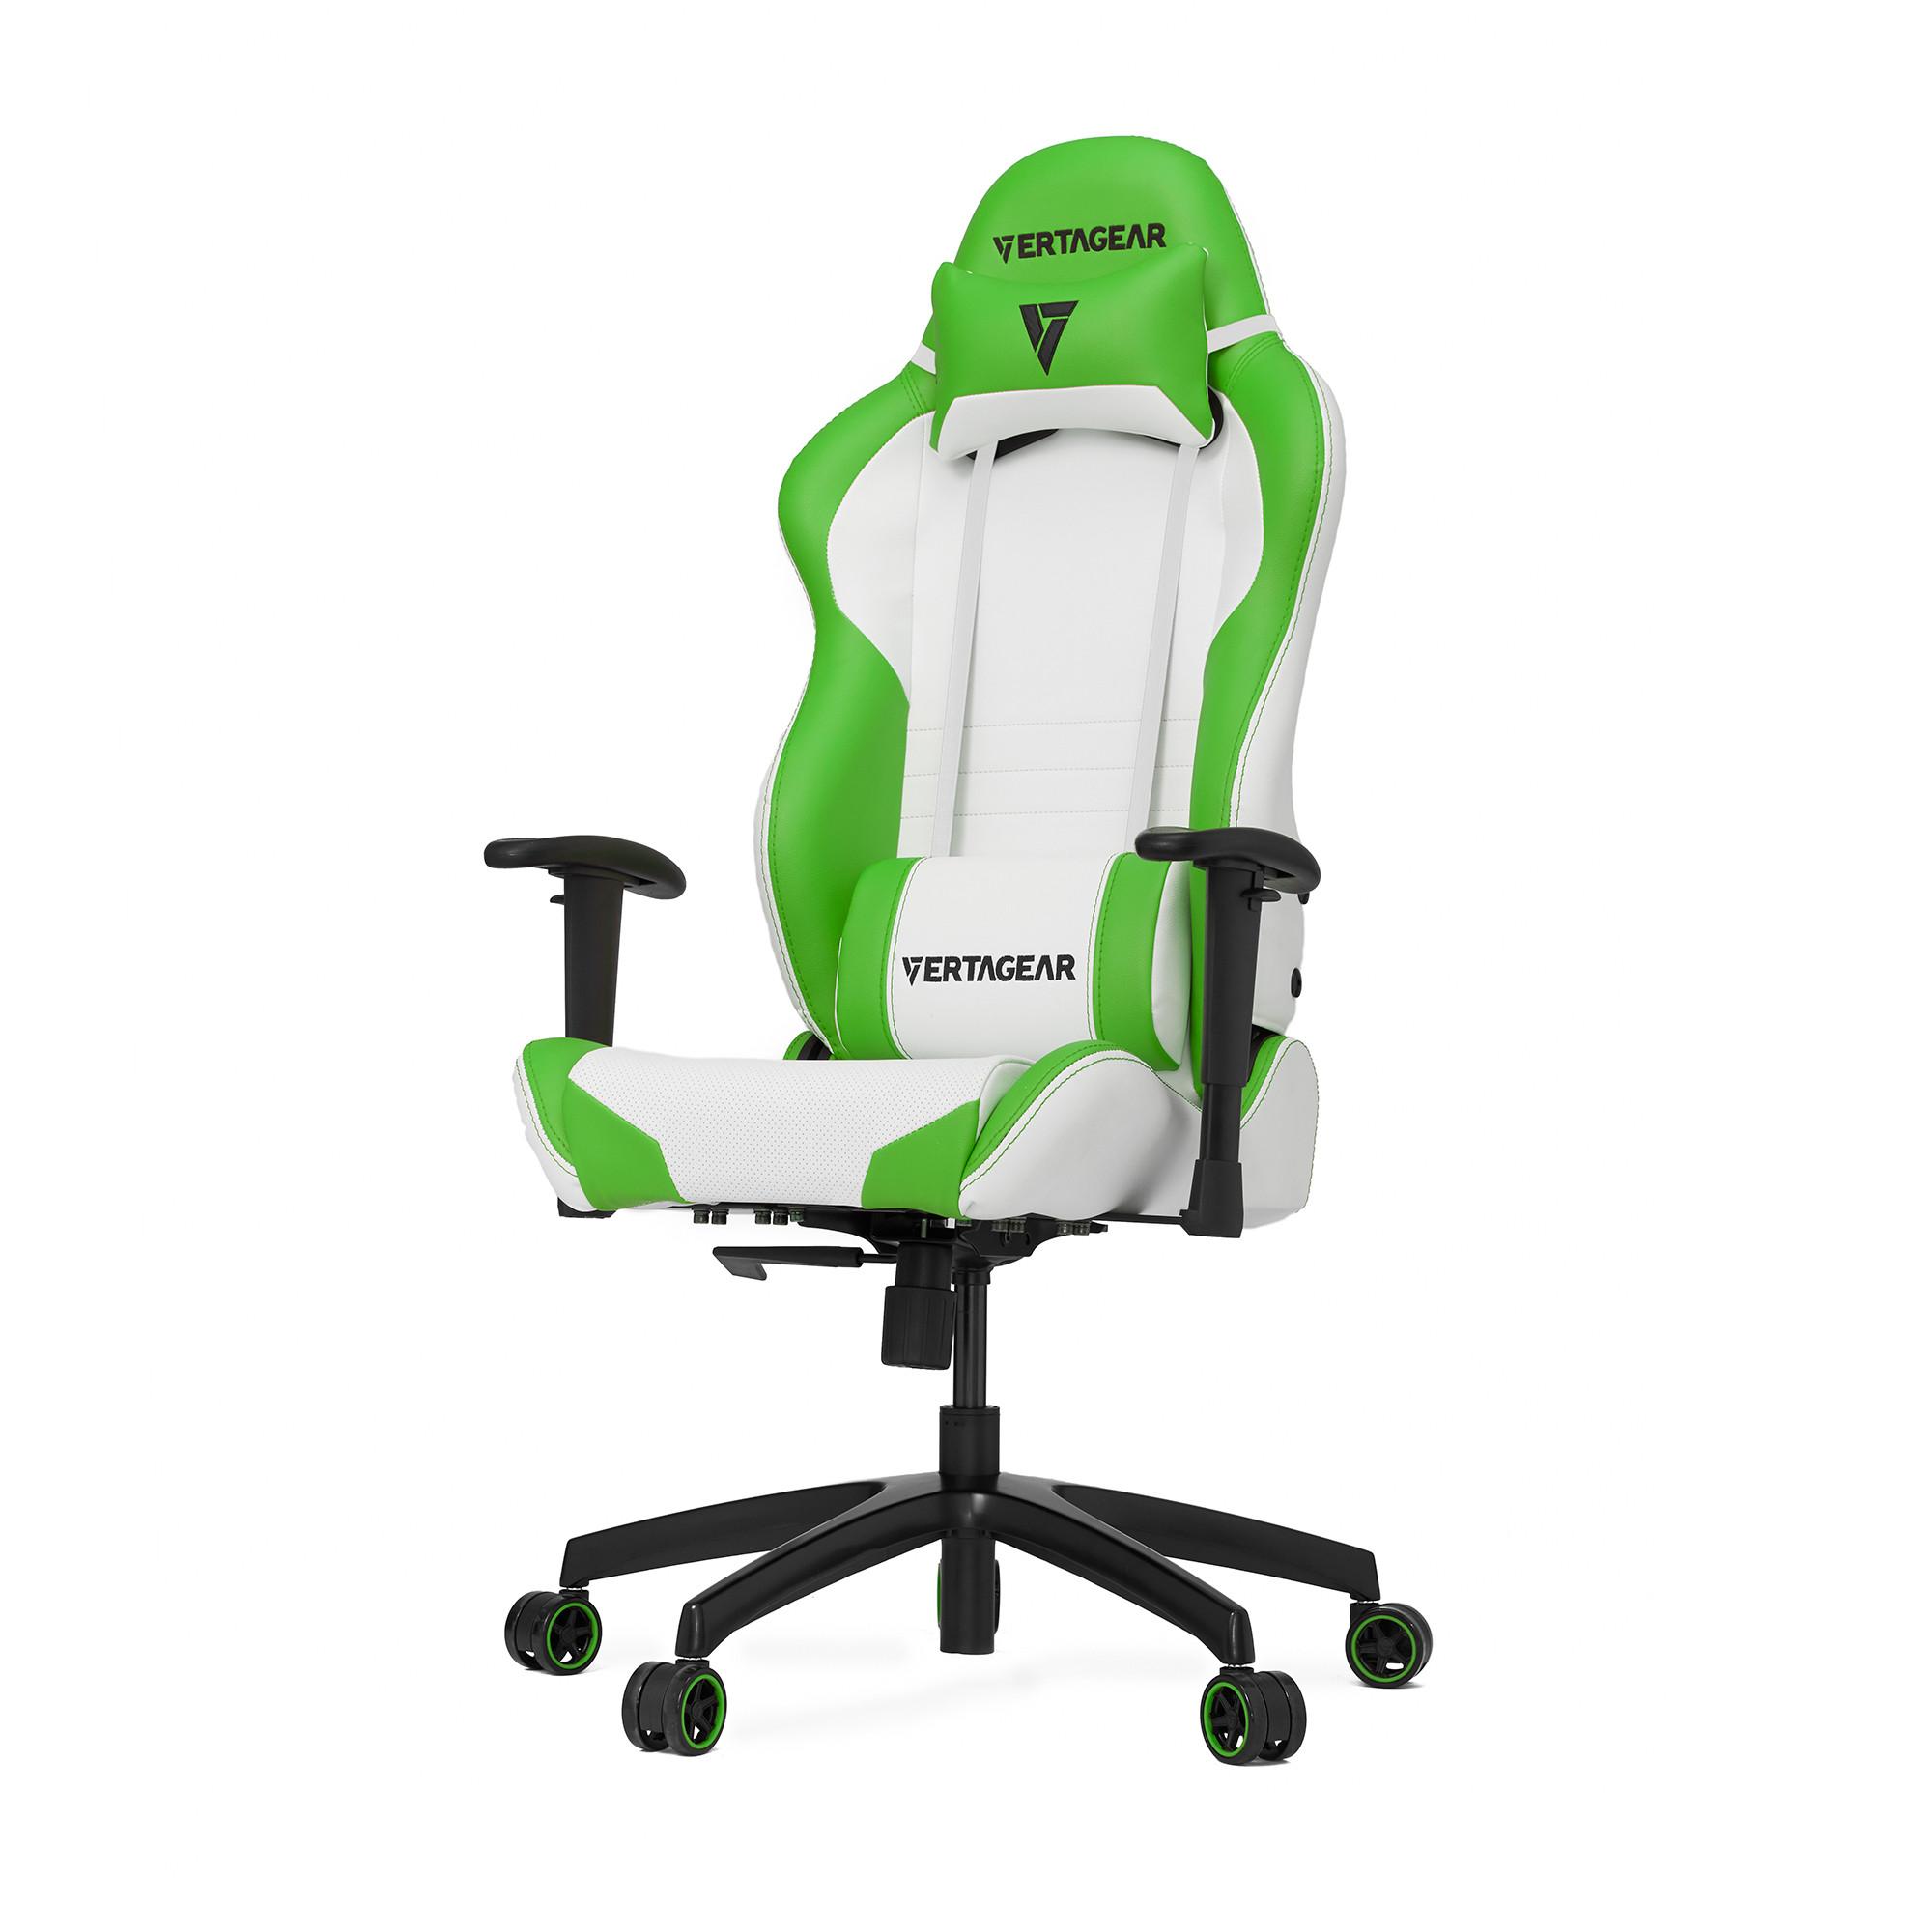 Профессиональное киберспортивное кресло Vertagear SL2000 белый/зеленыйНабивка в SL-2000 сделанная из высокоплотной эластичной пены, которая добавляет отличную поддержку и удобство в положении сидя.&#13;<br>&#13;<br>Элегантное исполнение модели SL-2000 сделано из высококачественной PVC кожи, которая делает покрытие невероятно прочным и дает креслу роскошный вид. Этот материал легко чистить и поддерживать в хорошем состоянии, благодаря цветной прошивке и водозащитным характеристикам.<br>